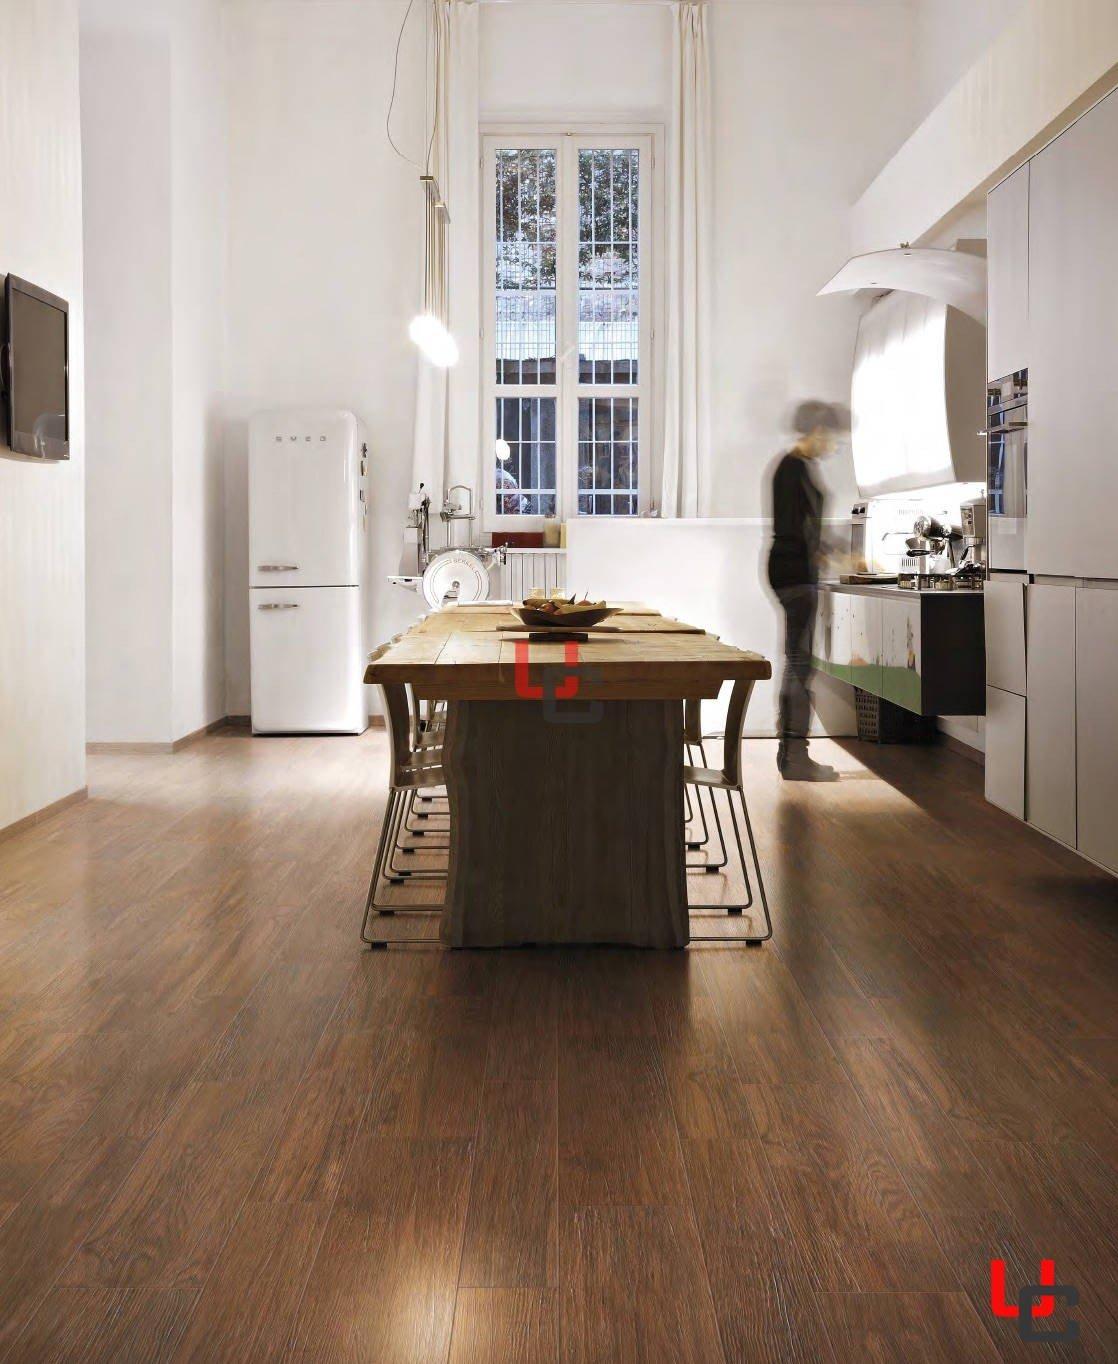 Immagini Gres Porcellanato Effetto Legno cerim serie charme naturel brun 24x96,3 rettificato gres porcellanato  effetto legno